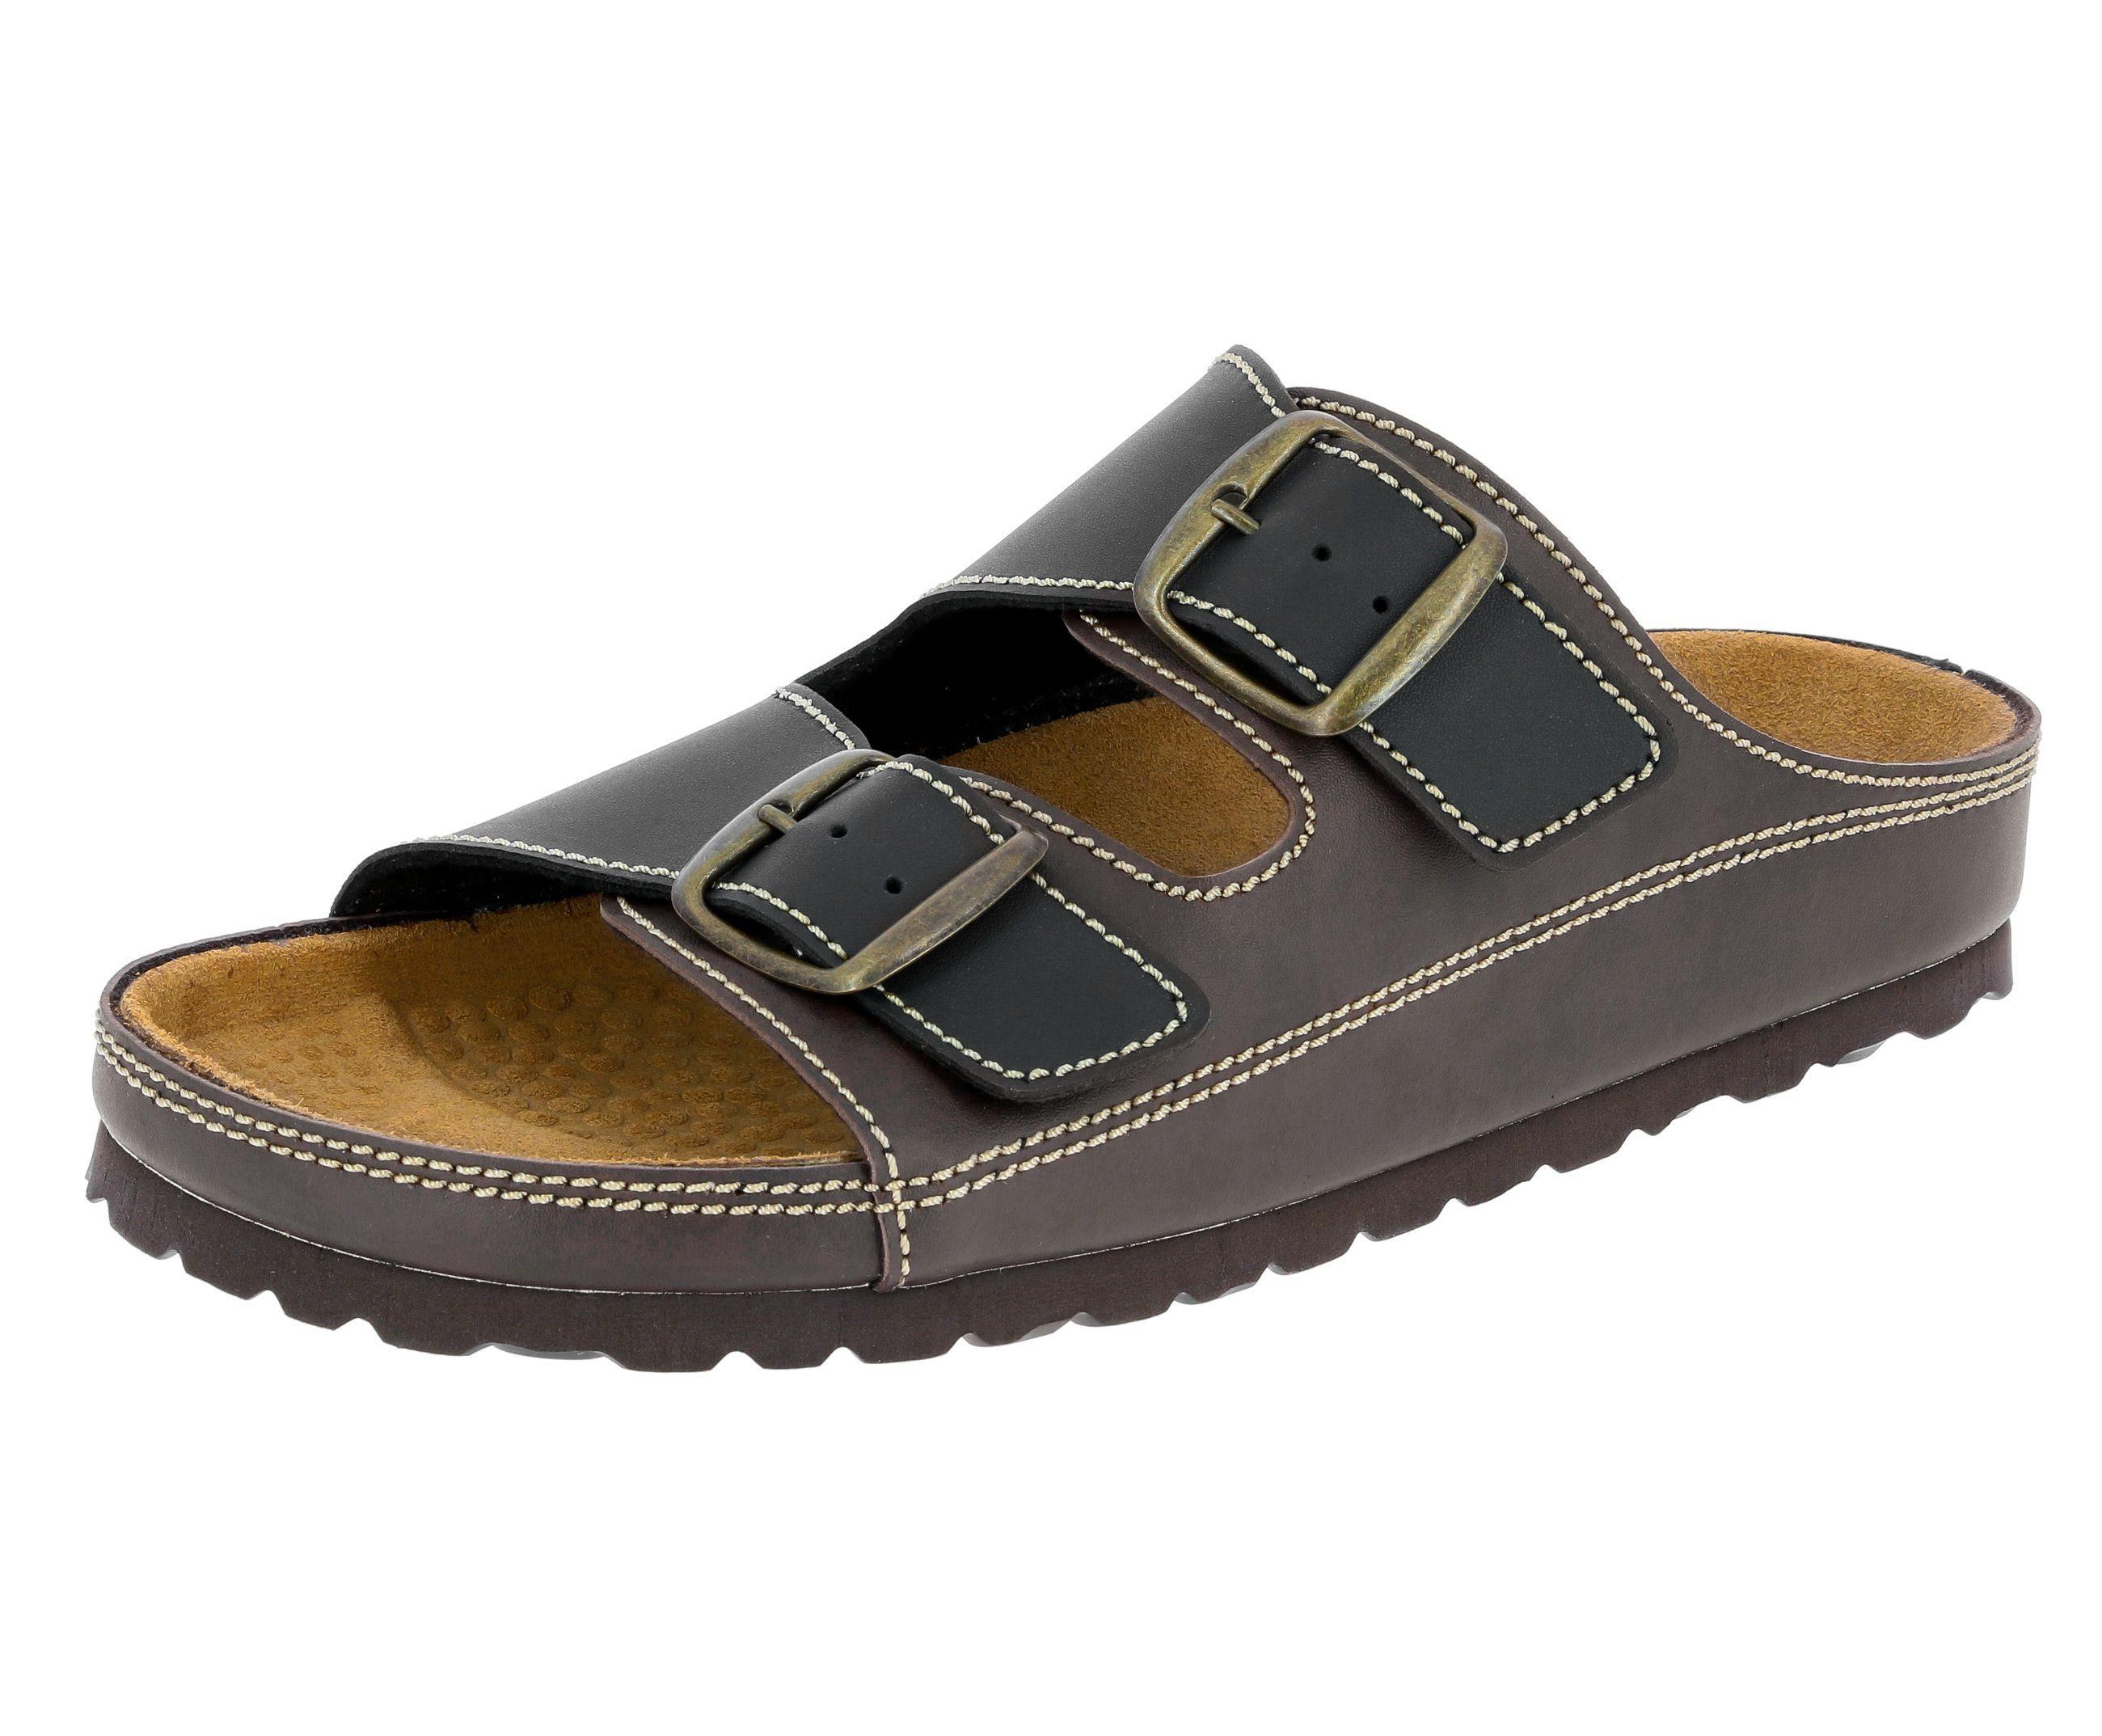 Lico Pantolette Pantolette Natural Man | Schuhe > Clogs & Pantoletten | Braun | Lico